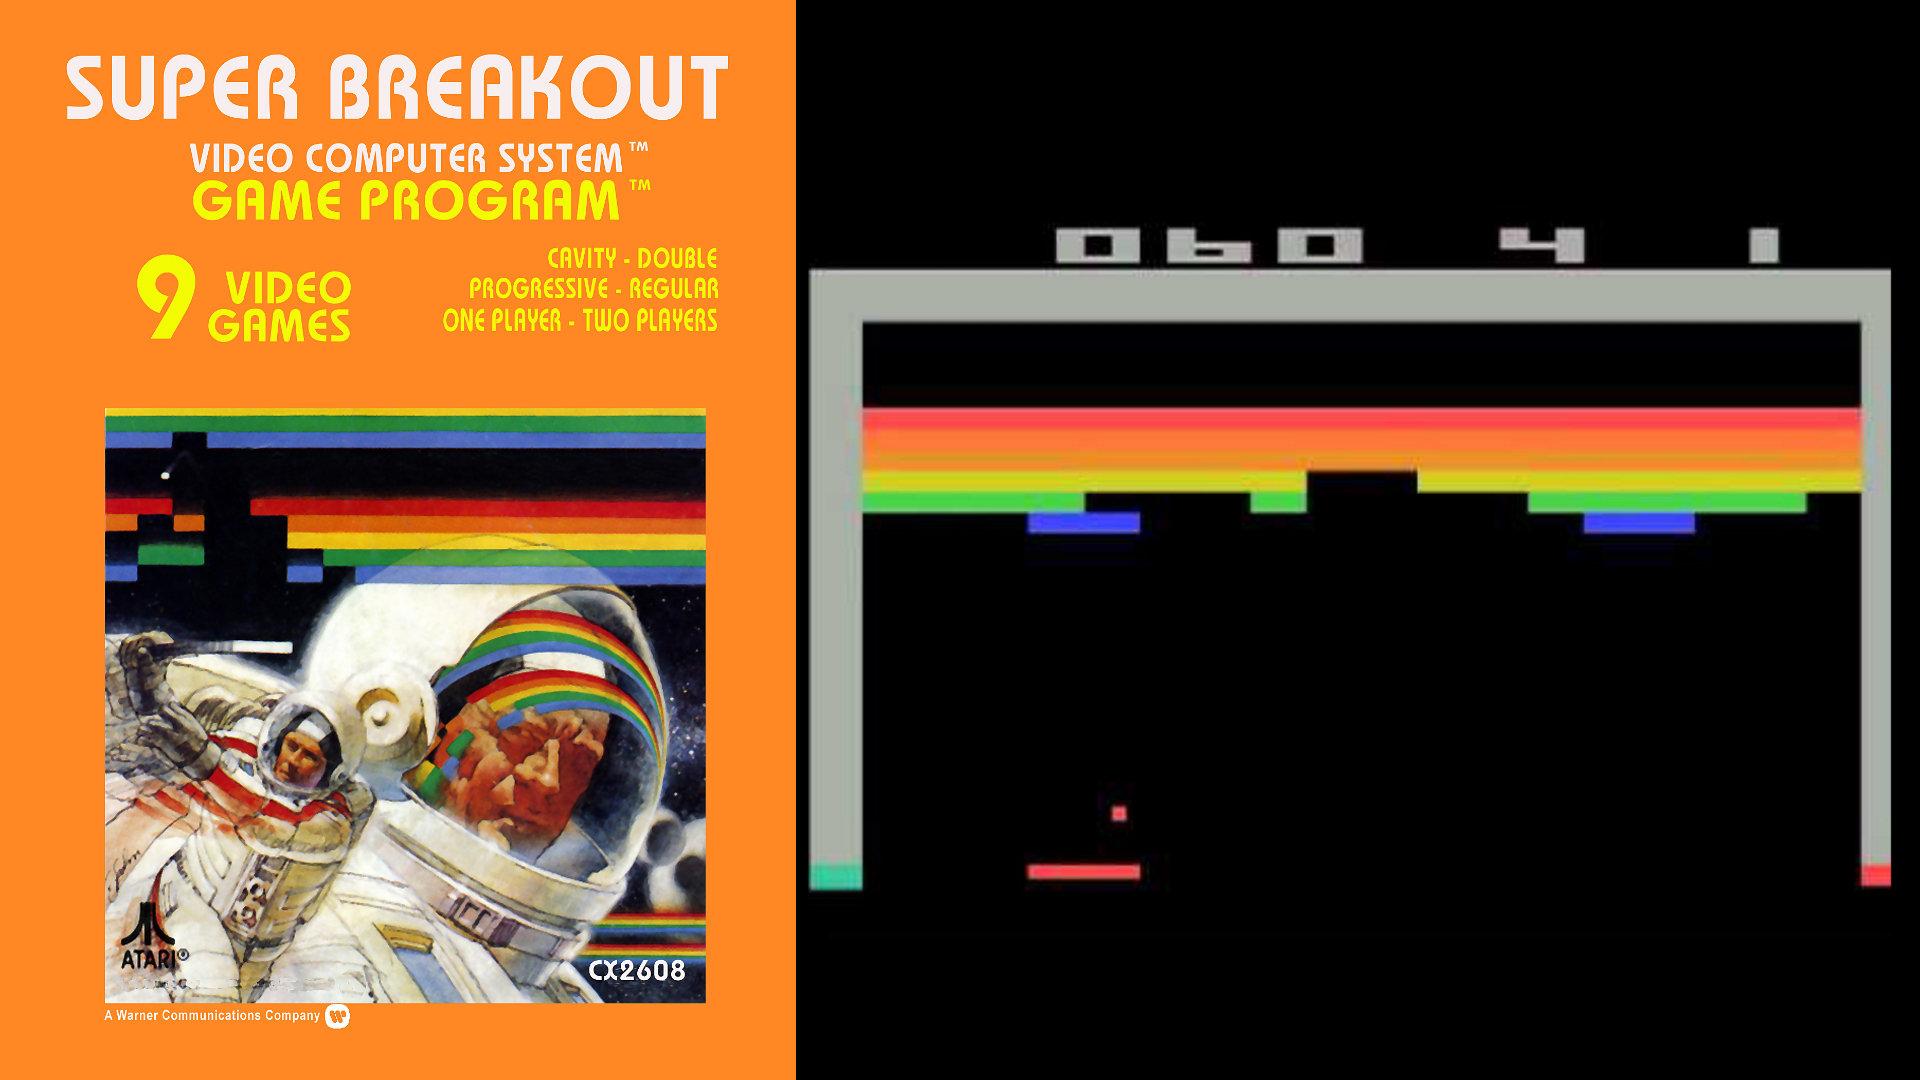 So einfach war die Grafik des 1976 erschienen Breakouts, uninformierte Nicht-Spieler hat große Mühe, in den Pixeln den heldenhaften Astronauten auszumachen, der einer bunten, blockartigen Paralleldimension entkommen will. (Bild: Andreas Wanda)